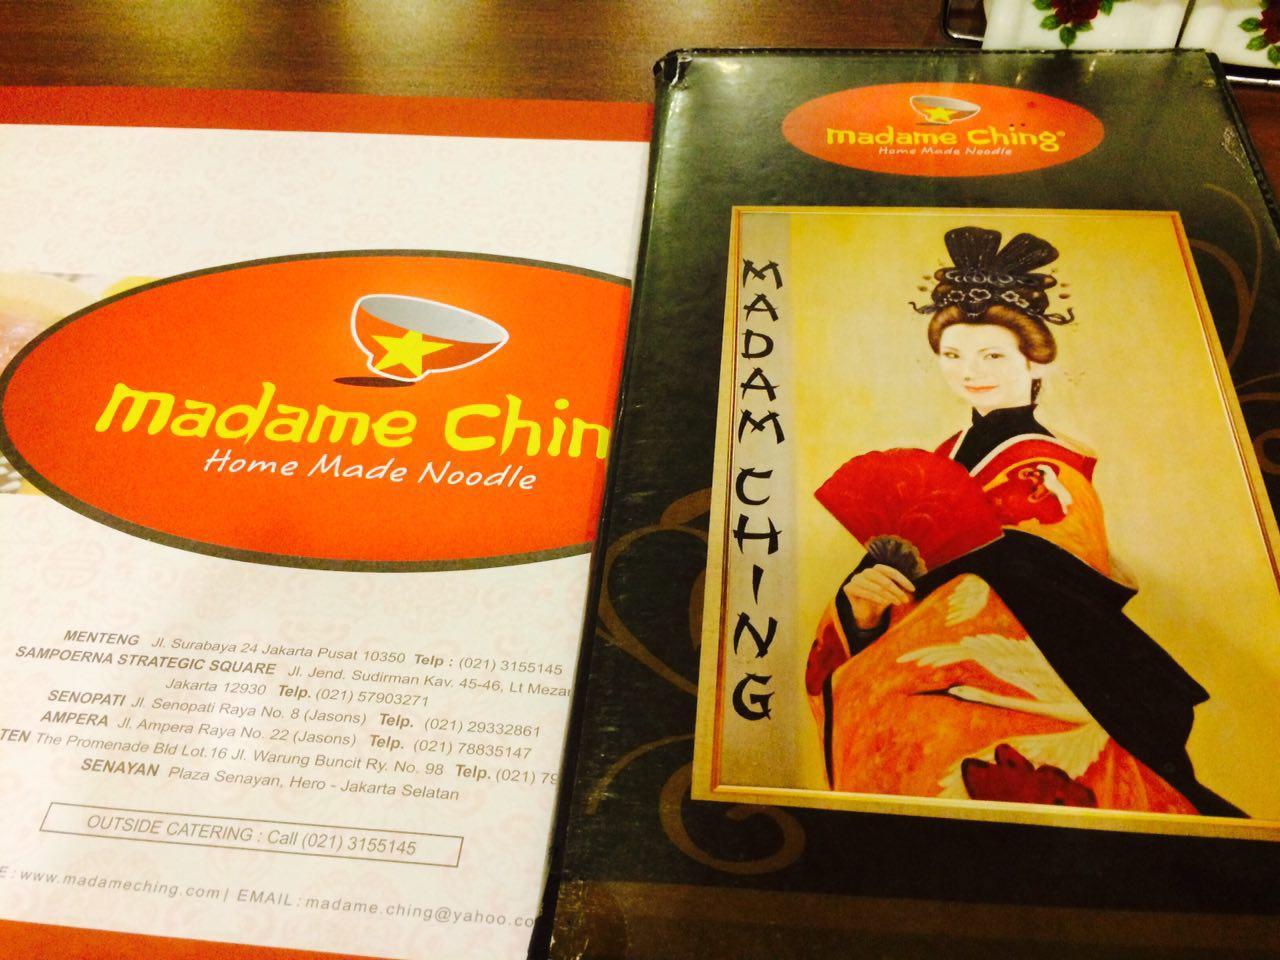 Madame Ching Menteng